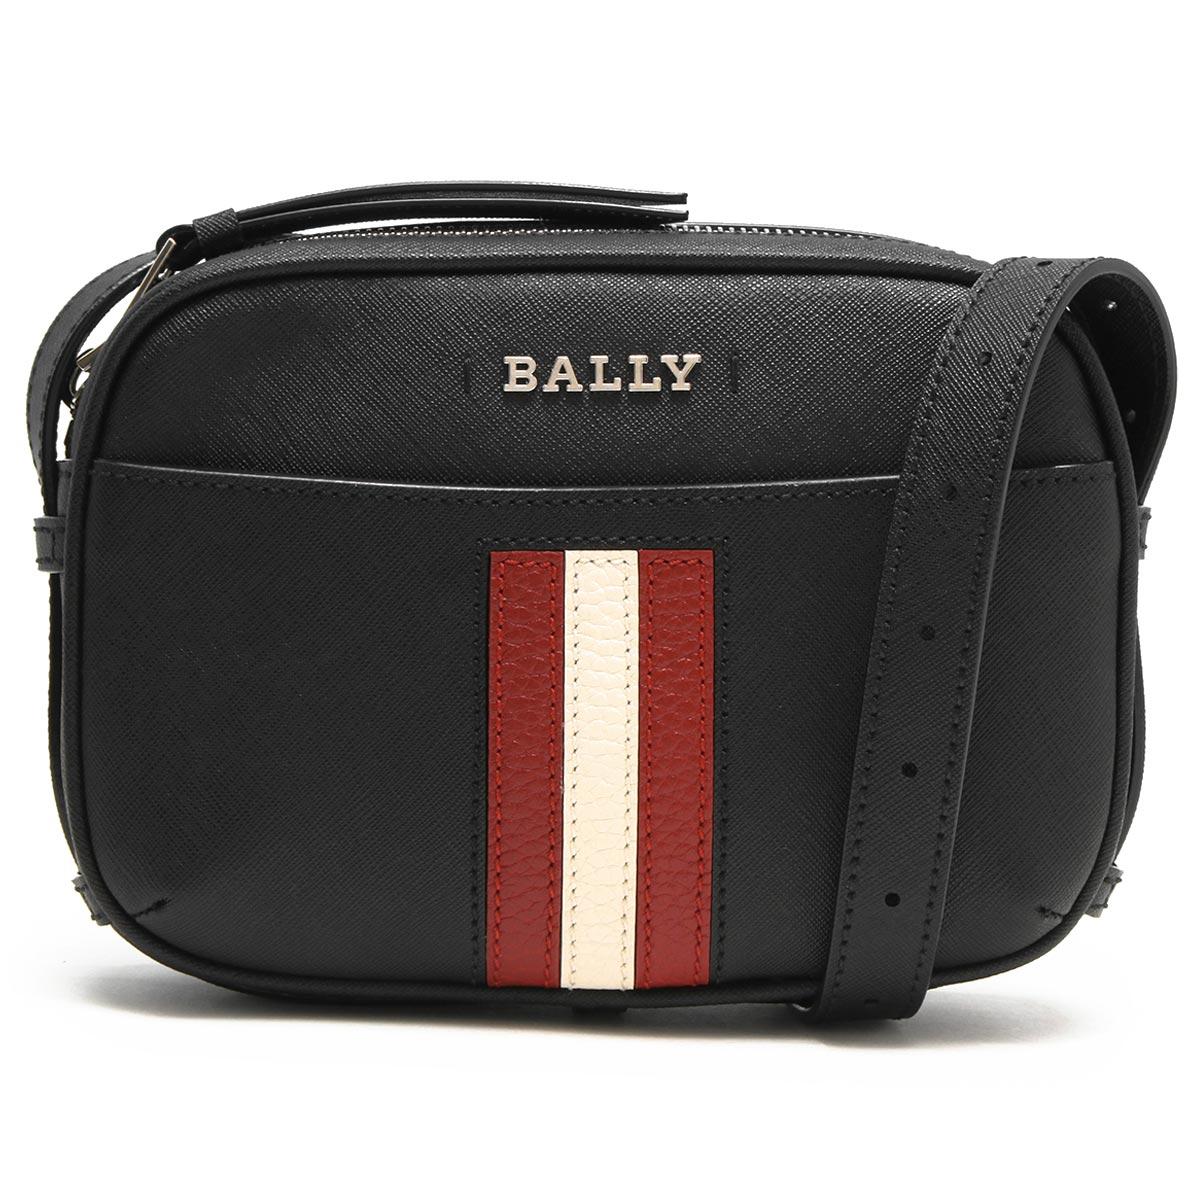 バリー ショルダーバッグ/ボディバッグ/クラッチバッグ バッグ レディース ジモ ブラック SYMO 00 6232545 BALLY